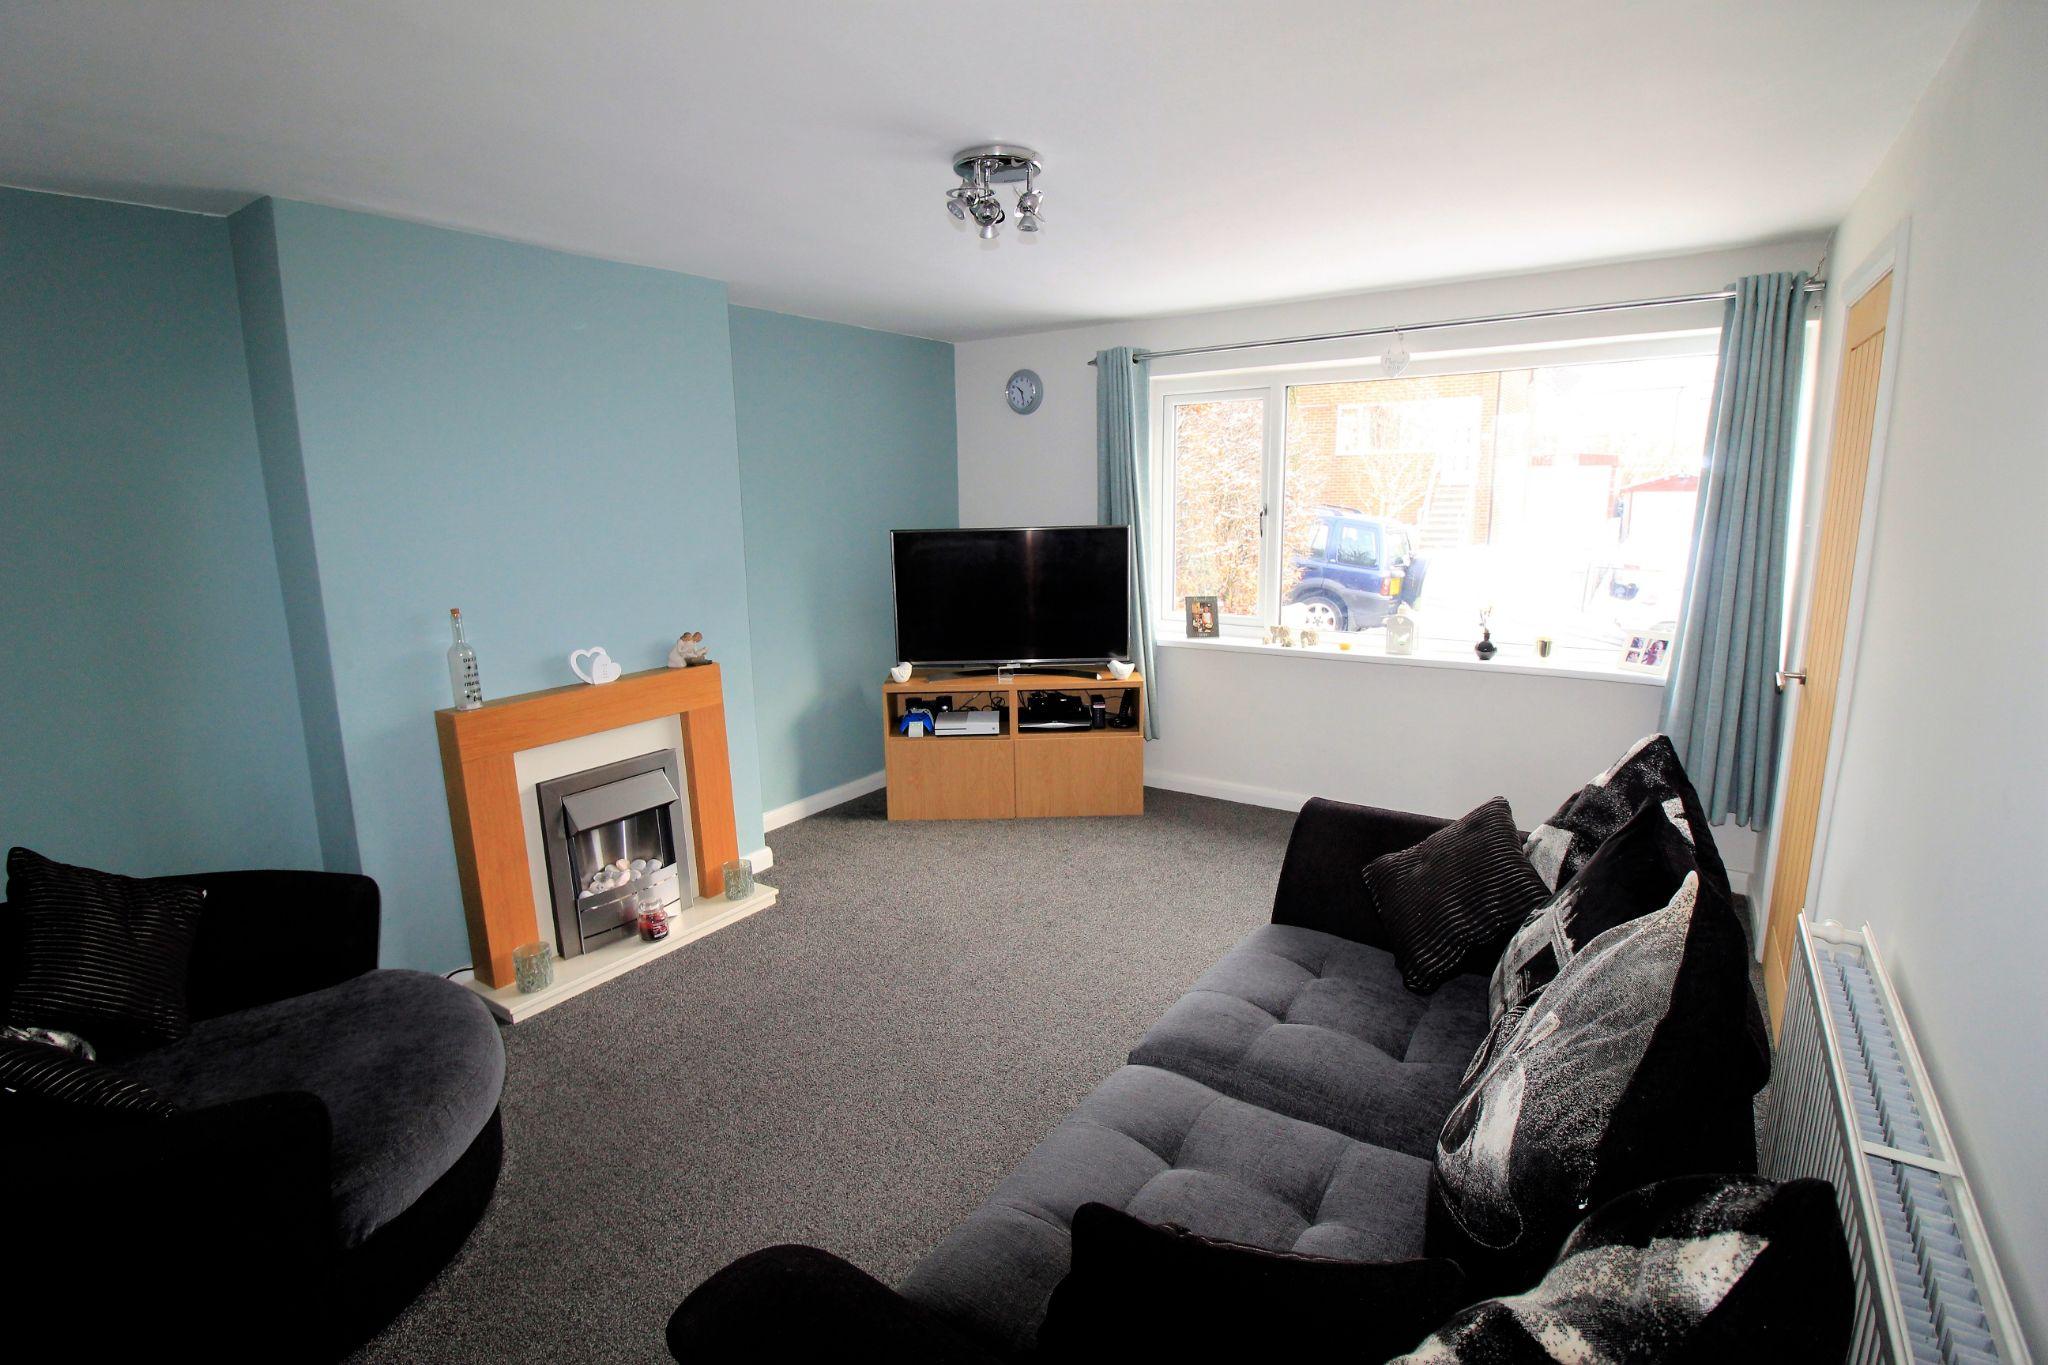 3 bedroom semi-detached house SSTC in Shipley - Lounge